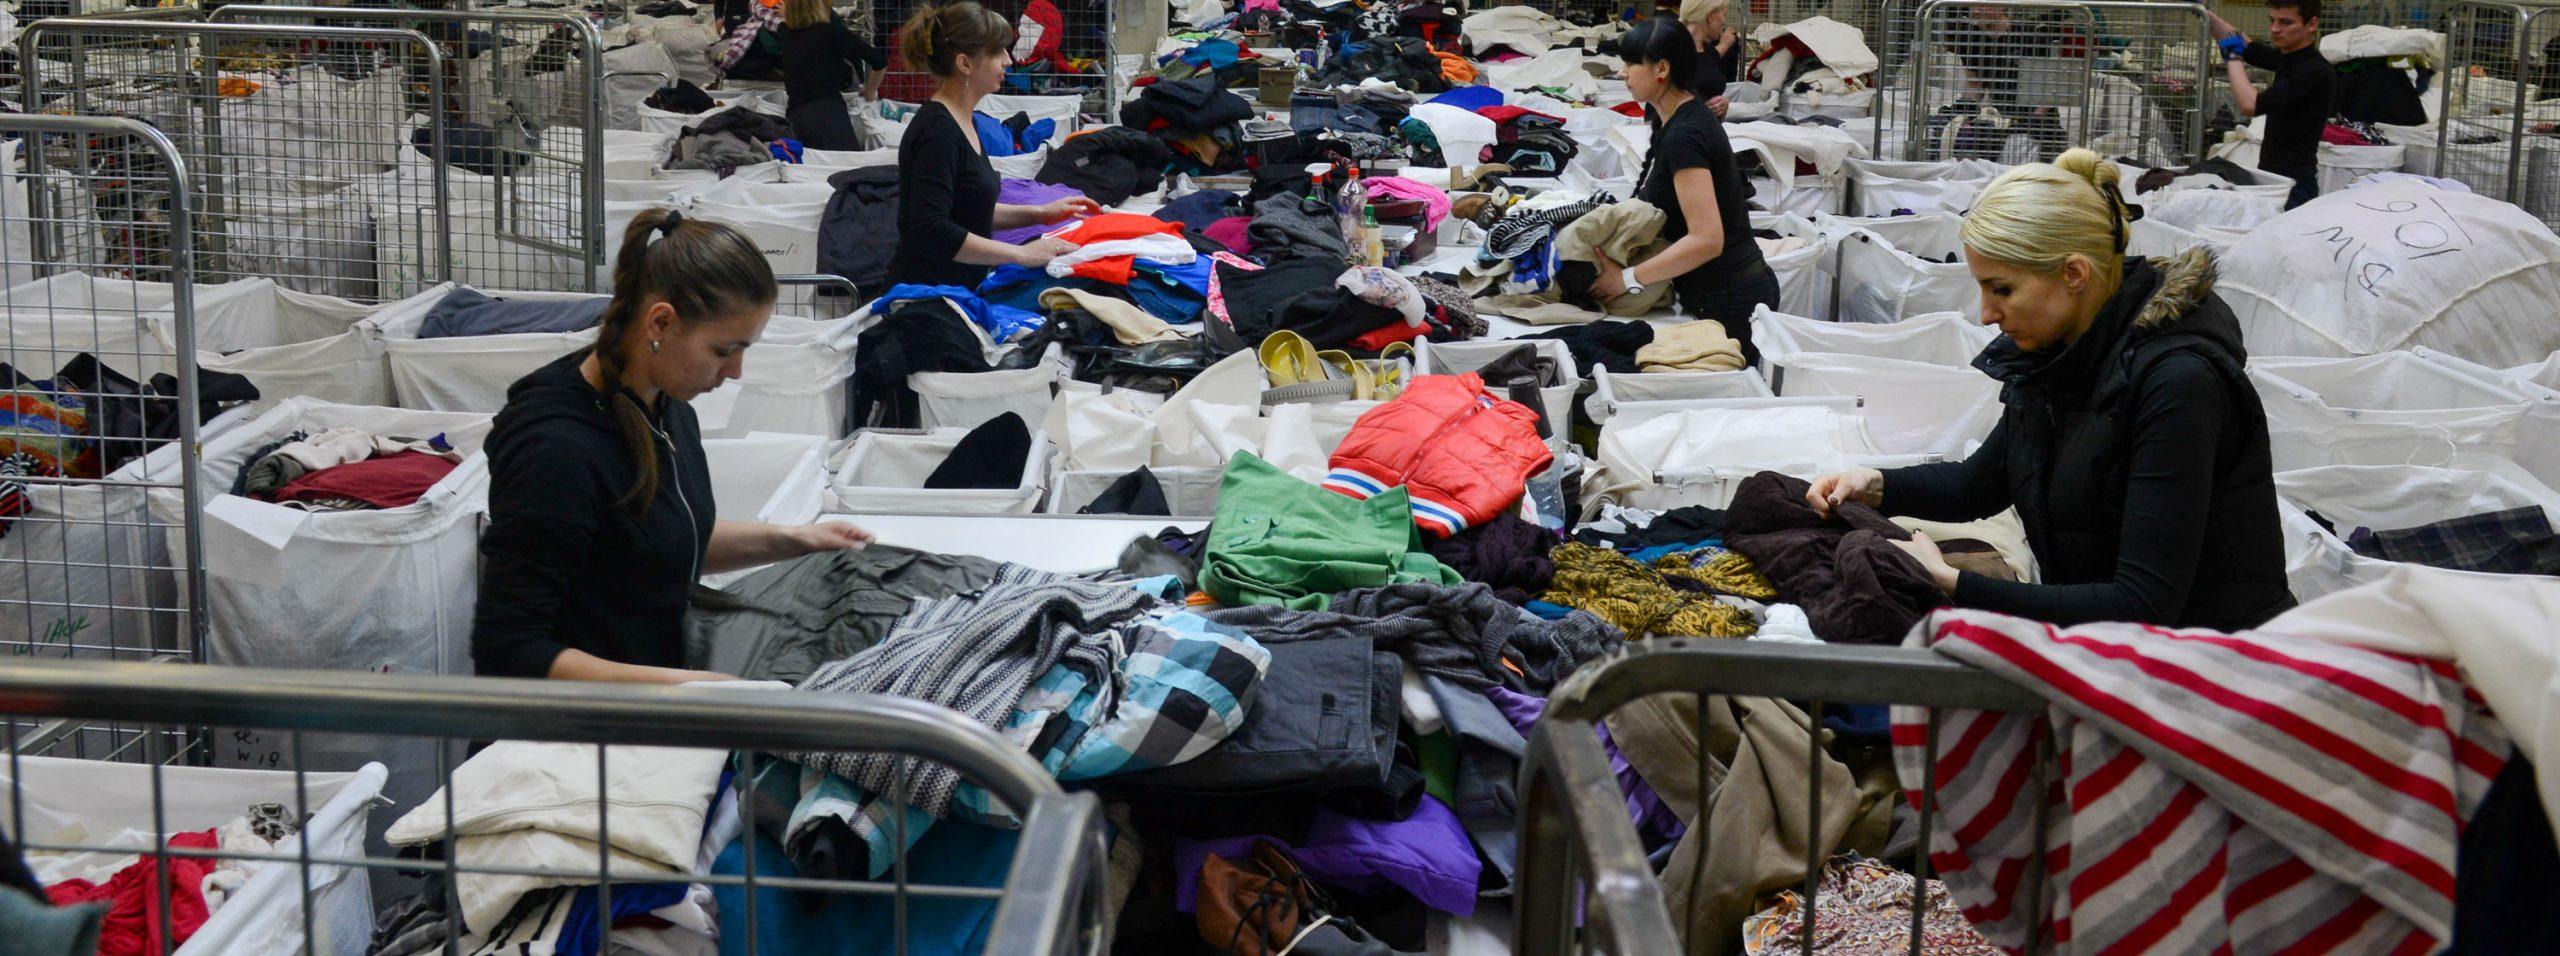 Sorteringsanlegg for tekstiler i Lithauen